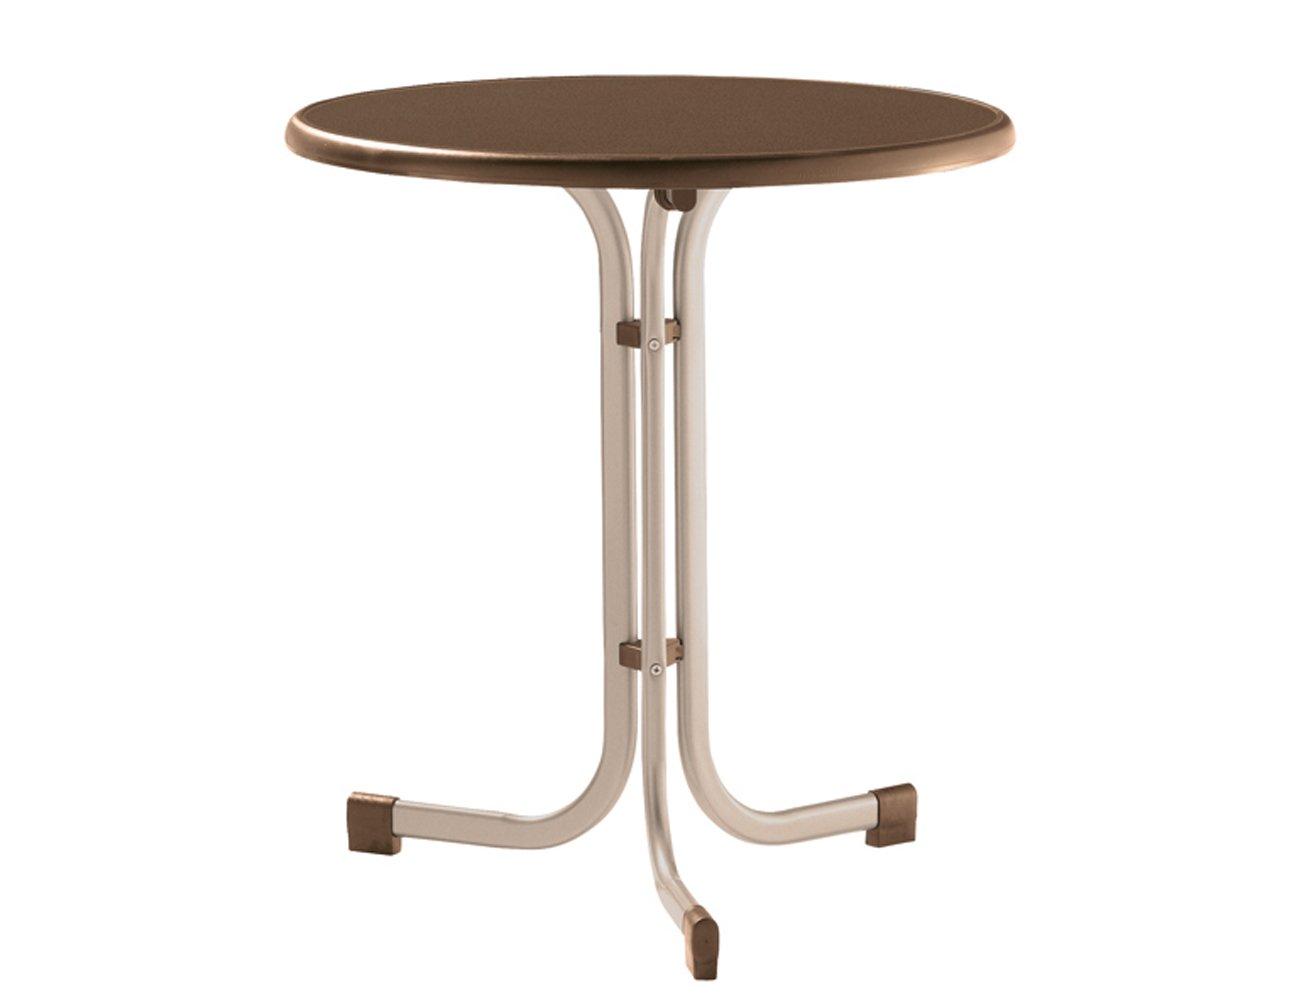 Sieger 208/C-M Boulevard-Klapptisch mit mecalit-Pro-Platte Ø 70 cm, Stahlrohrgestell champagner, Tischplatte Schieferdekor mocca kaufen